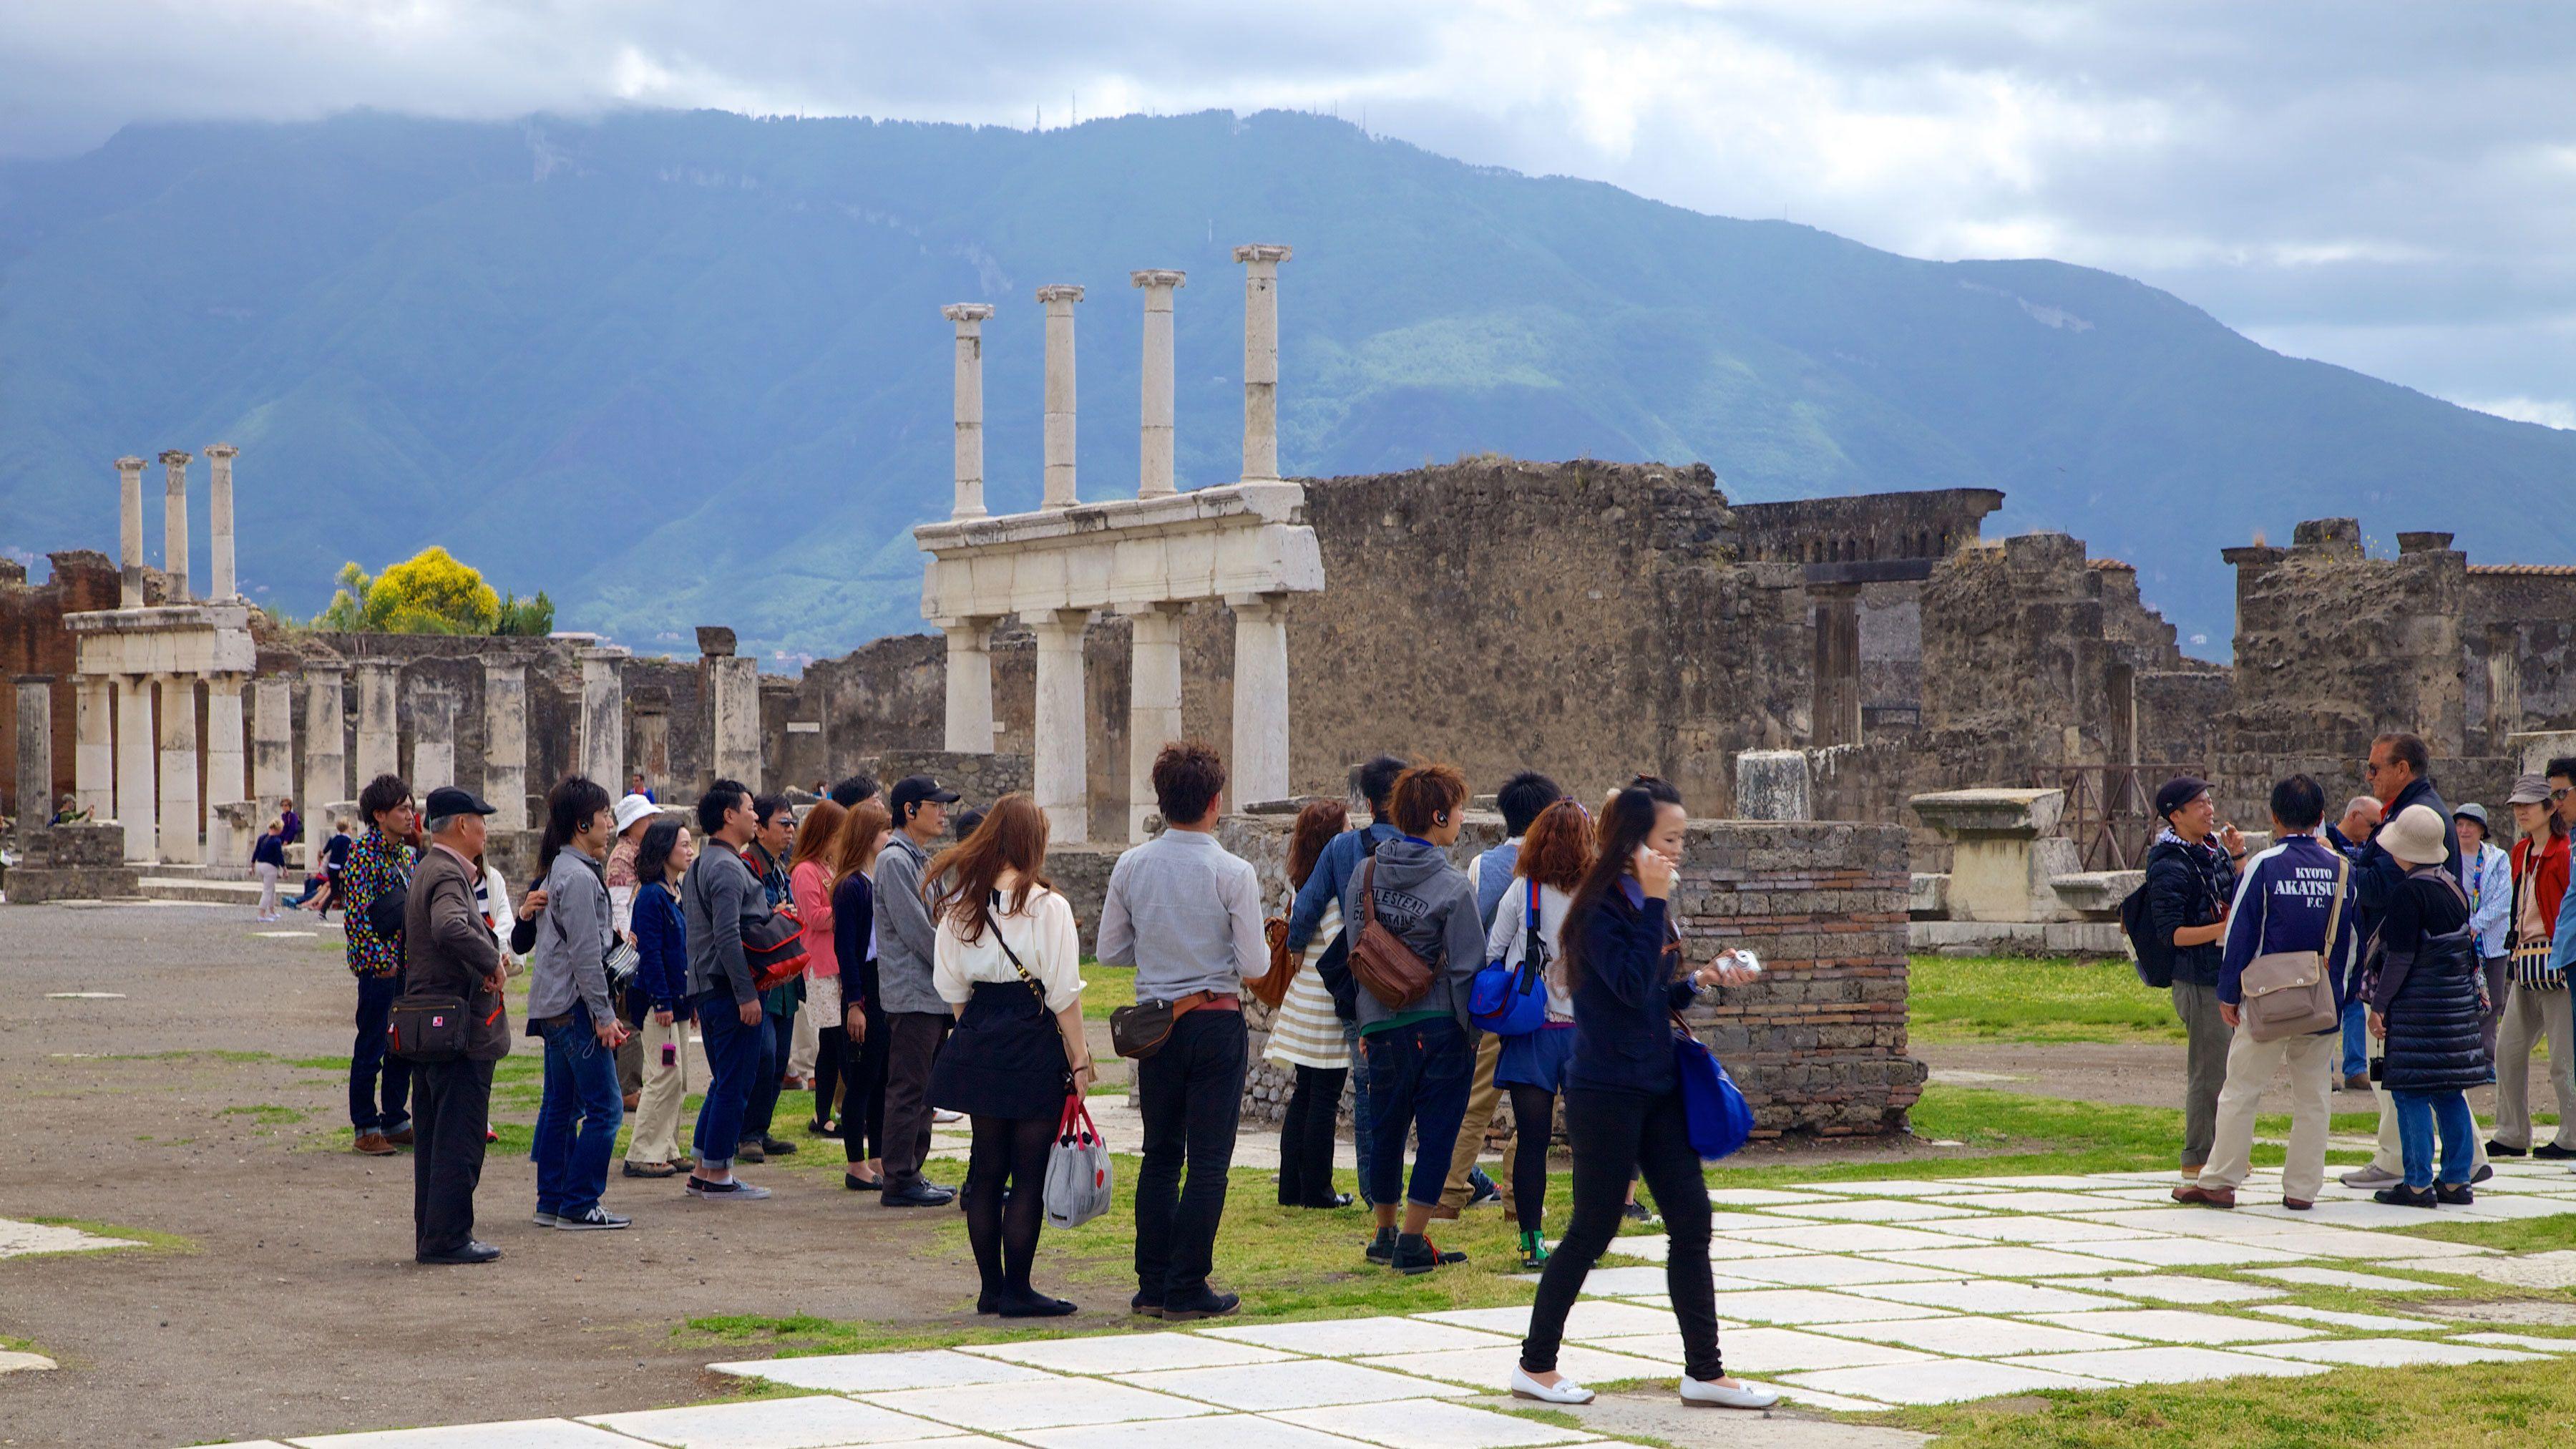 Tour of Pompeii ruins